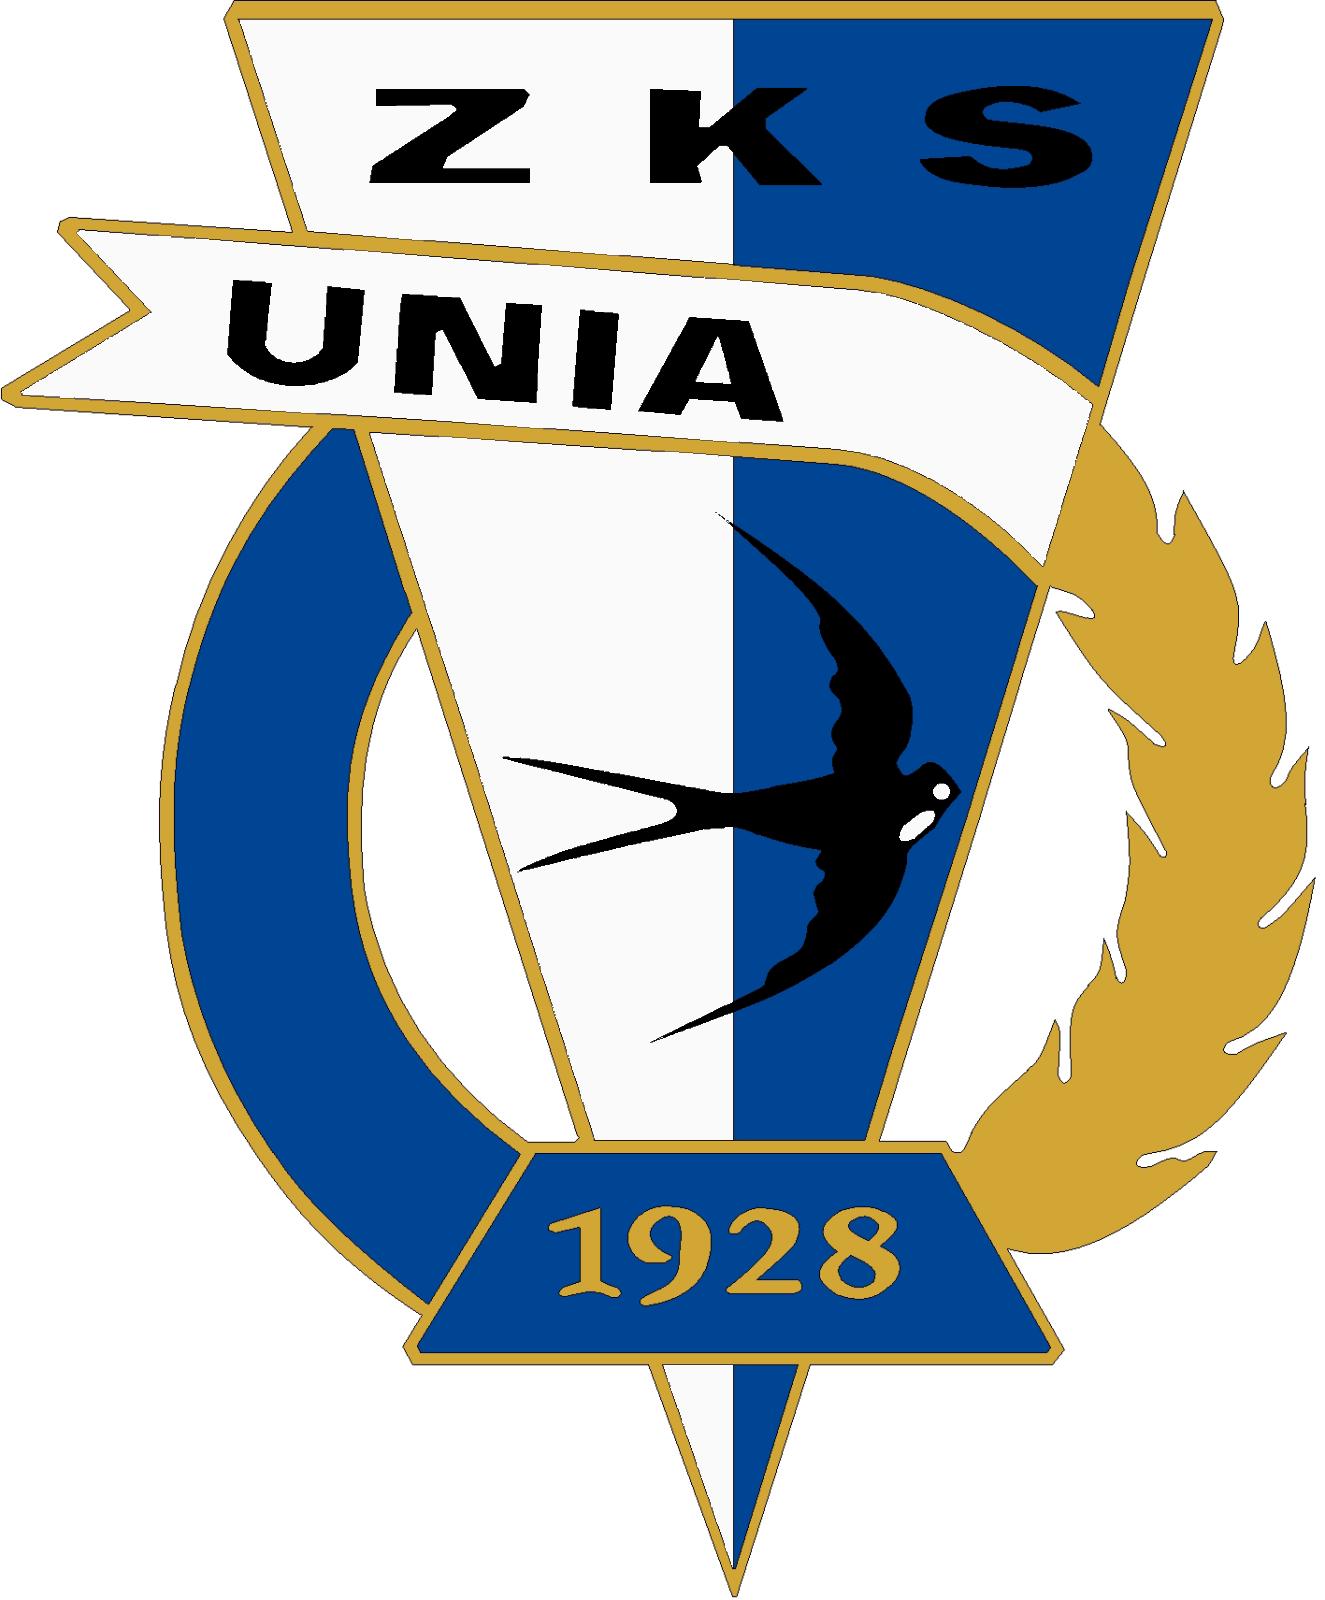 UNIACC Logo photo - 1